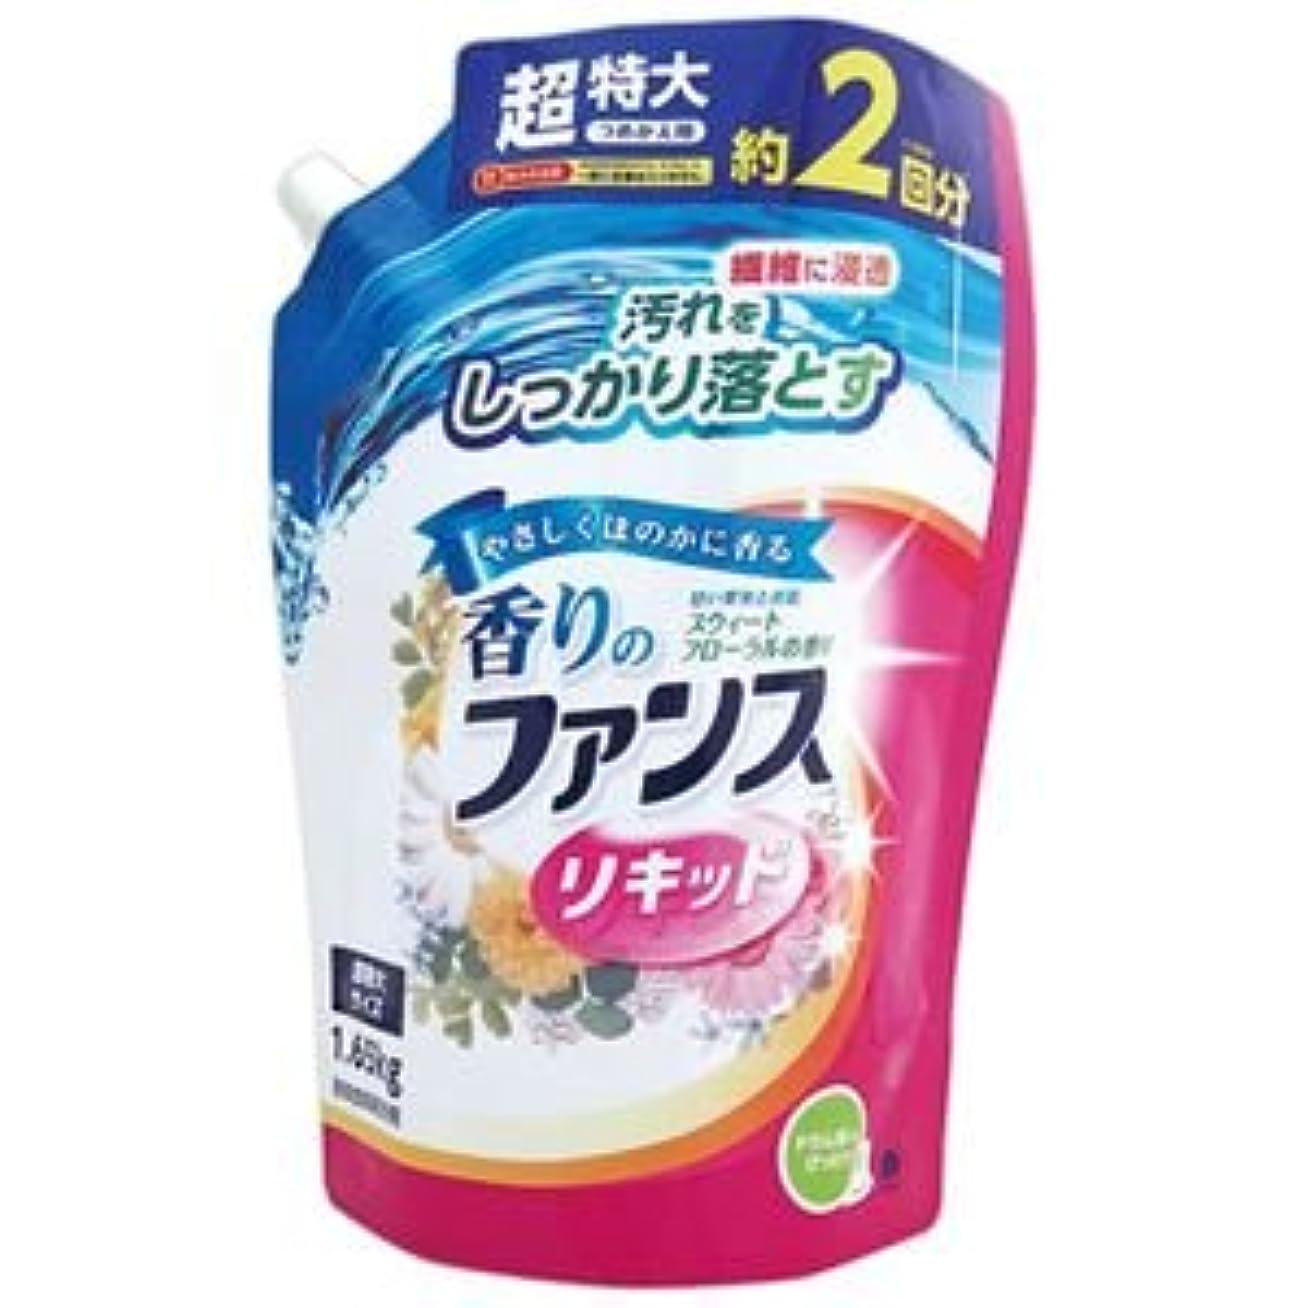 無線関係万一に備えて(まとめ) 第一石鹸 香りのファンス 液体衣料用洗剤リキッド 詰替用 1.65kg 1セット(6個) 【×2セット】